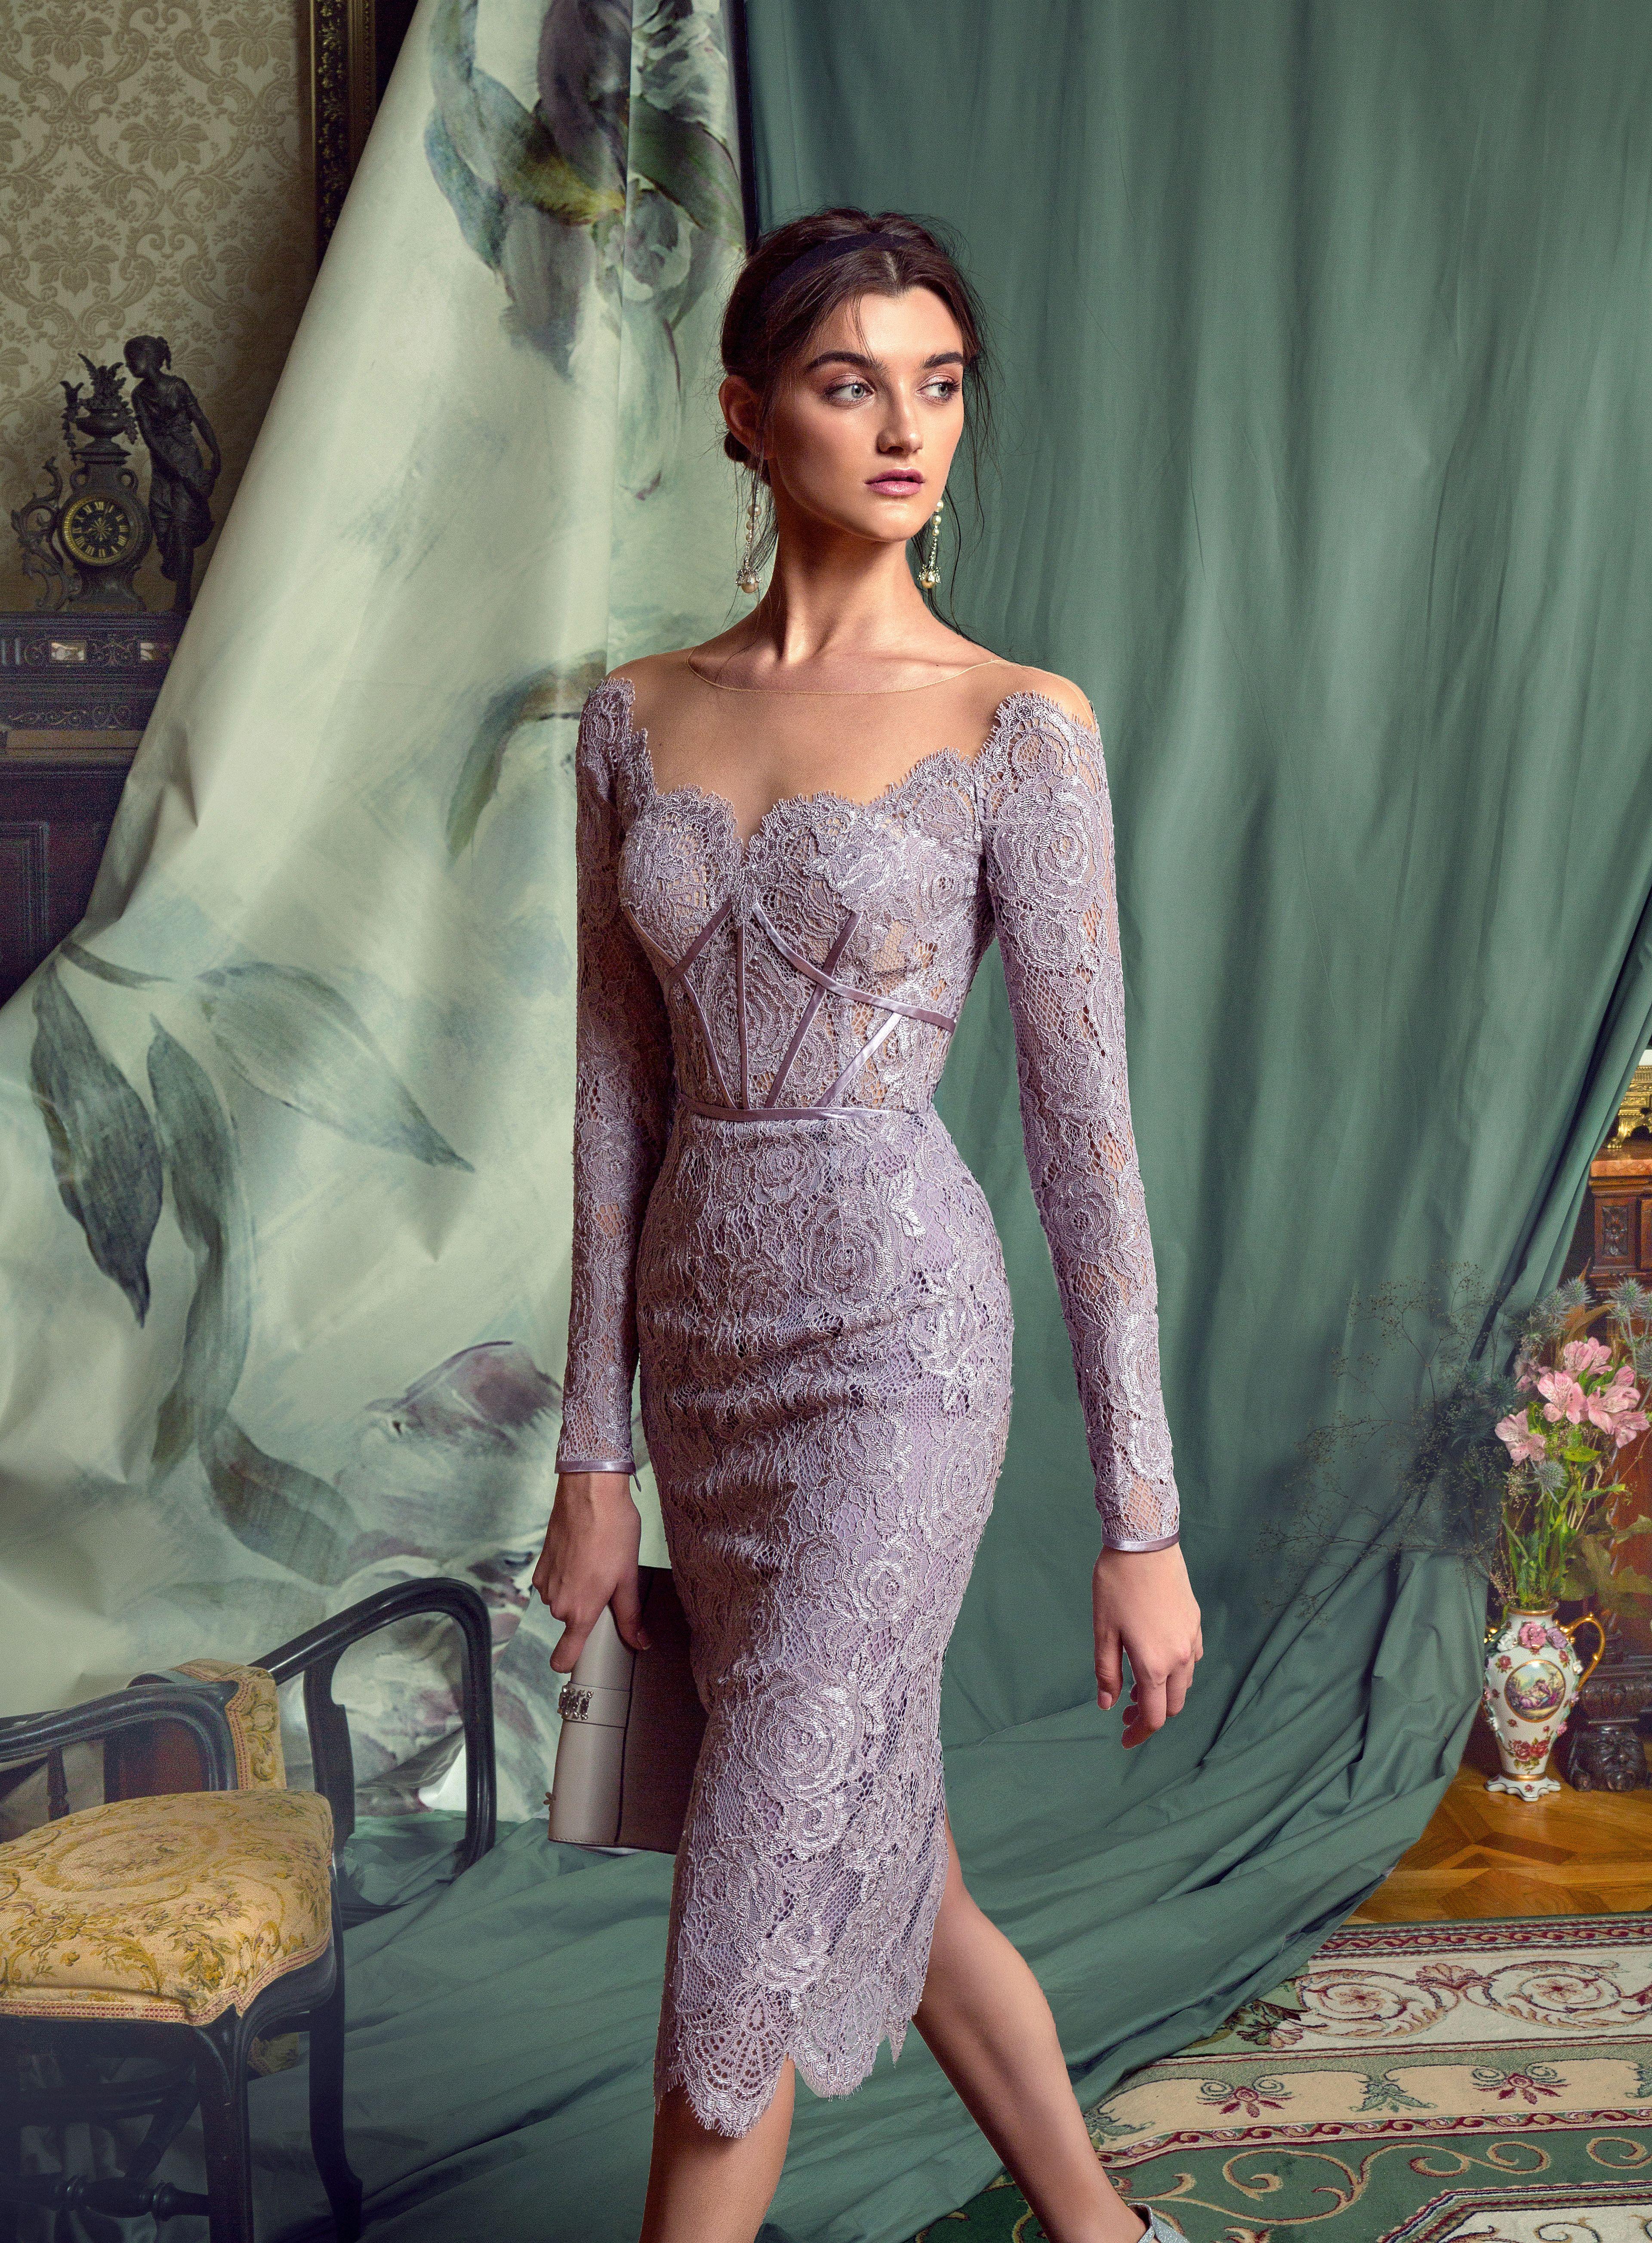 Colourful Dreams Collection Evening Fashion Papilio Boutique Gala Dresses Fancy Dresses Beauty Dress [ 5214 x 3840 Pixel ]